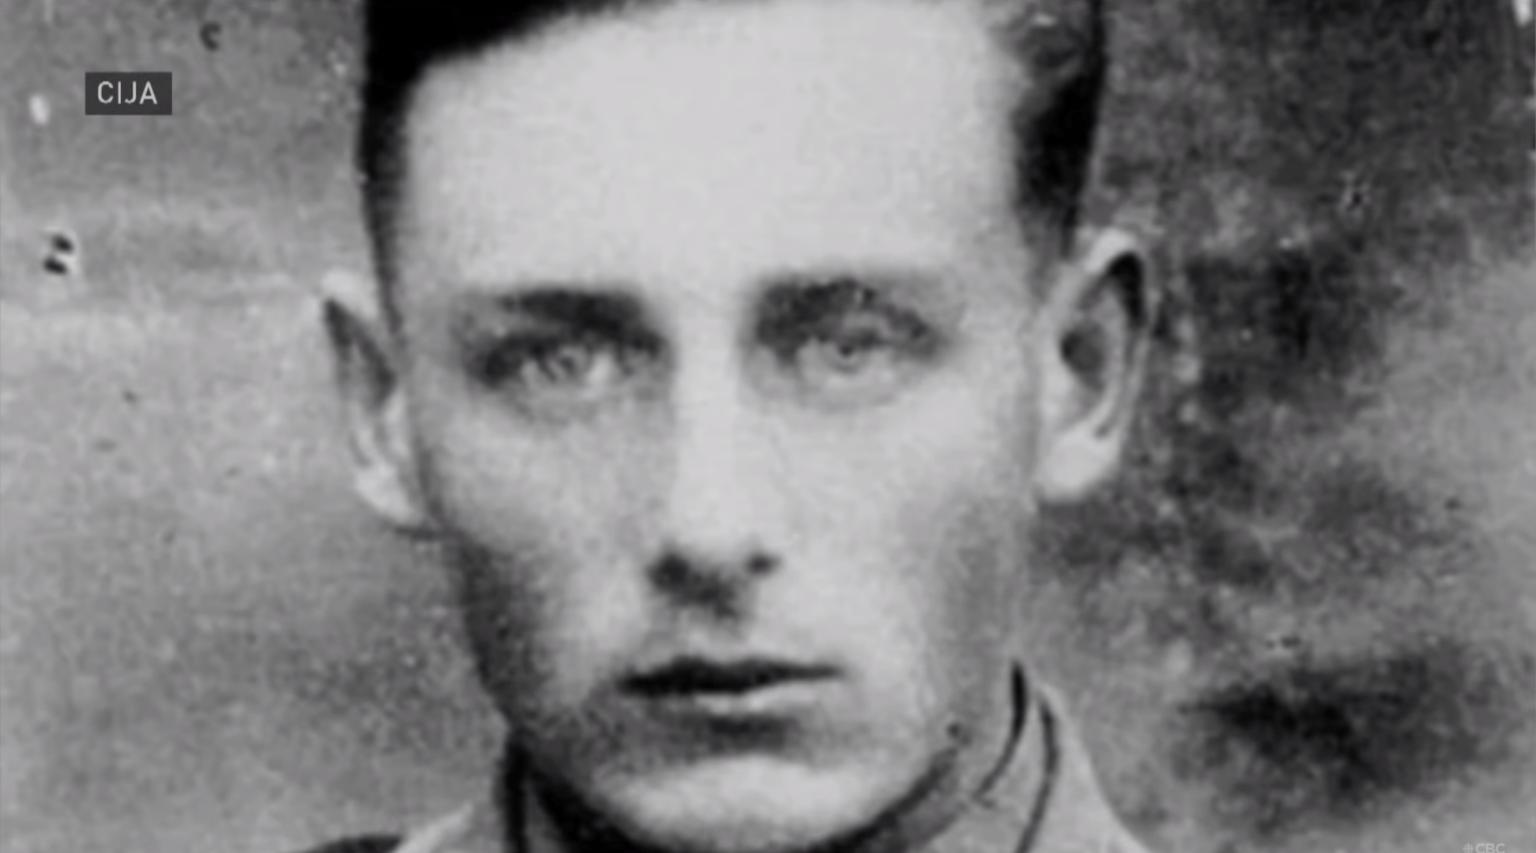 Antisémitisme : ce nazi que le Canada n'a pas réussi à expulser meurt à 97 ans chez lui